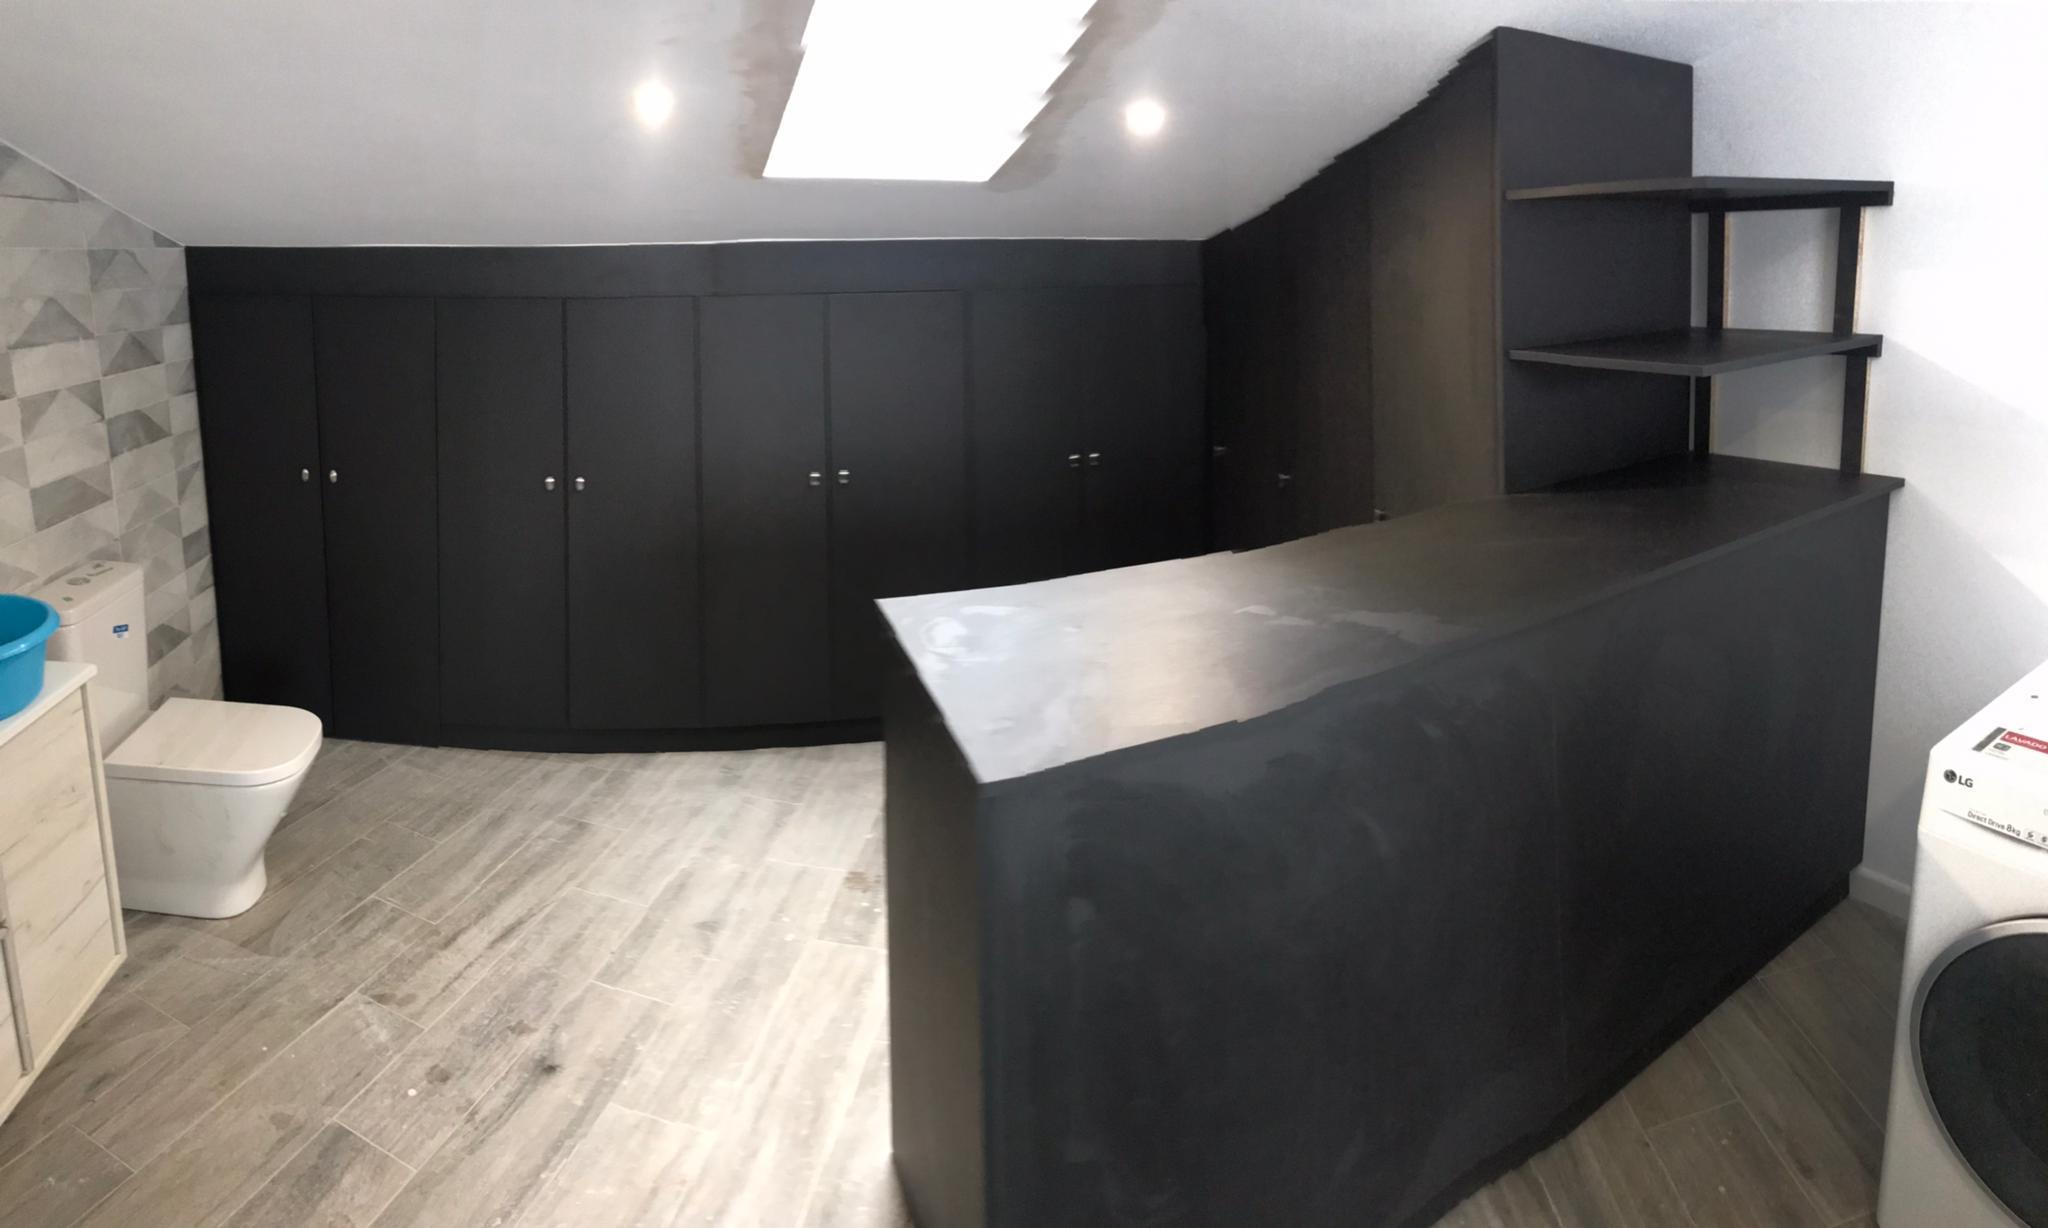 Muebles que se adaptan a los espacios: armarios en una buhardilla